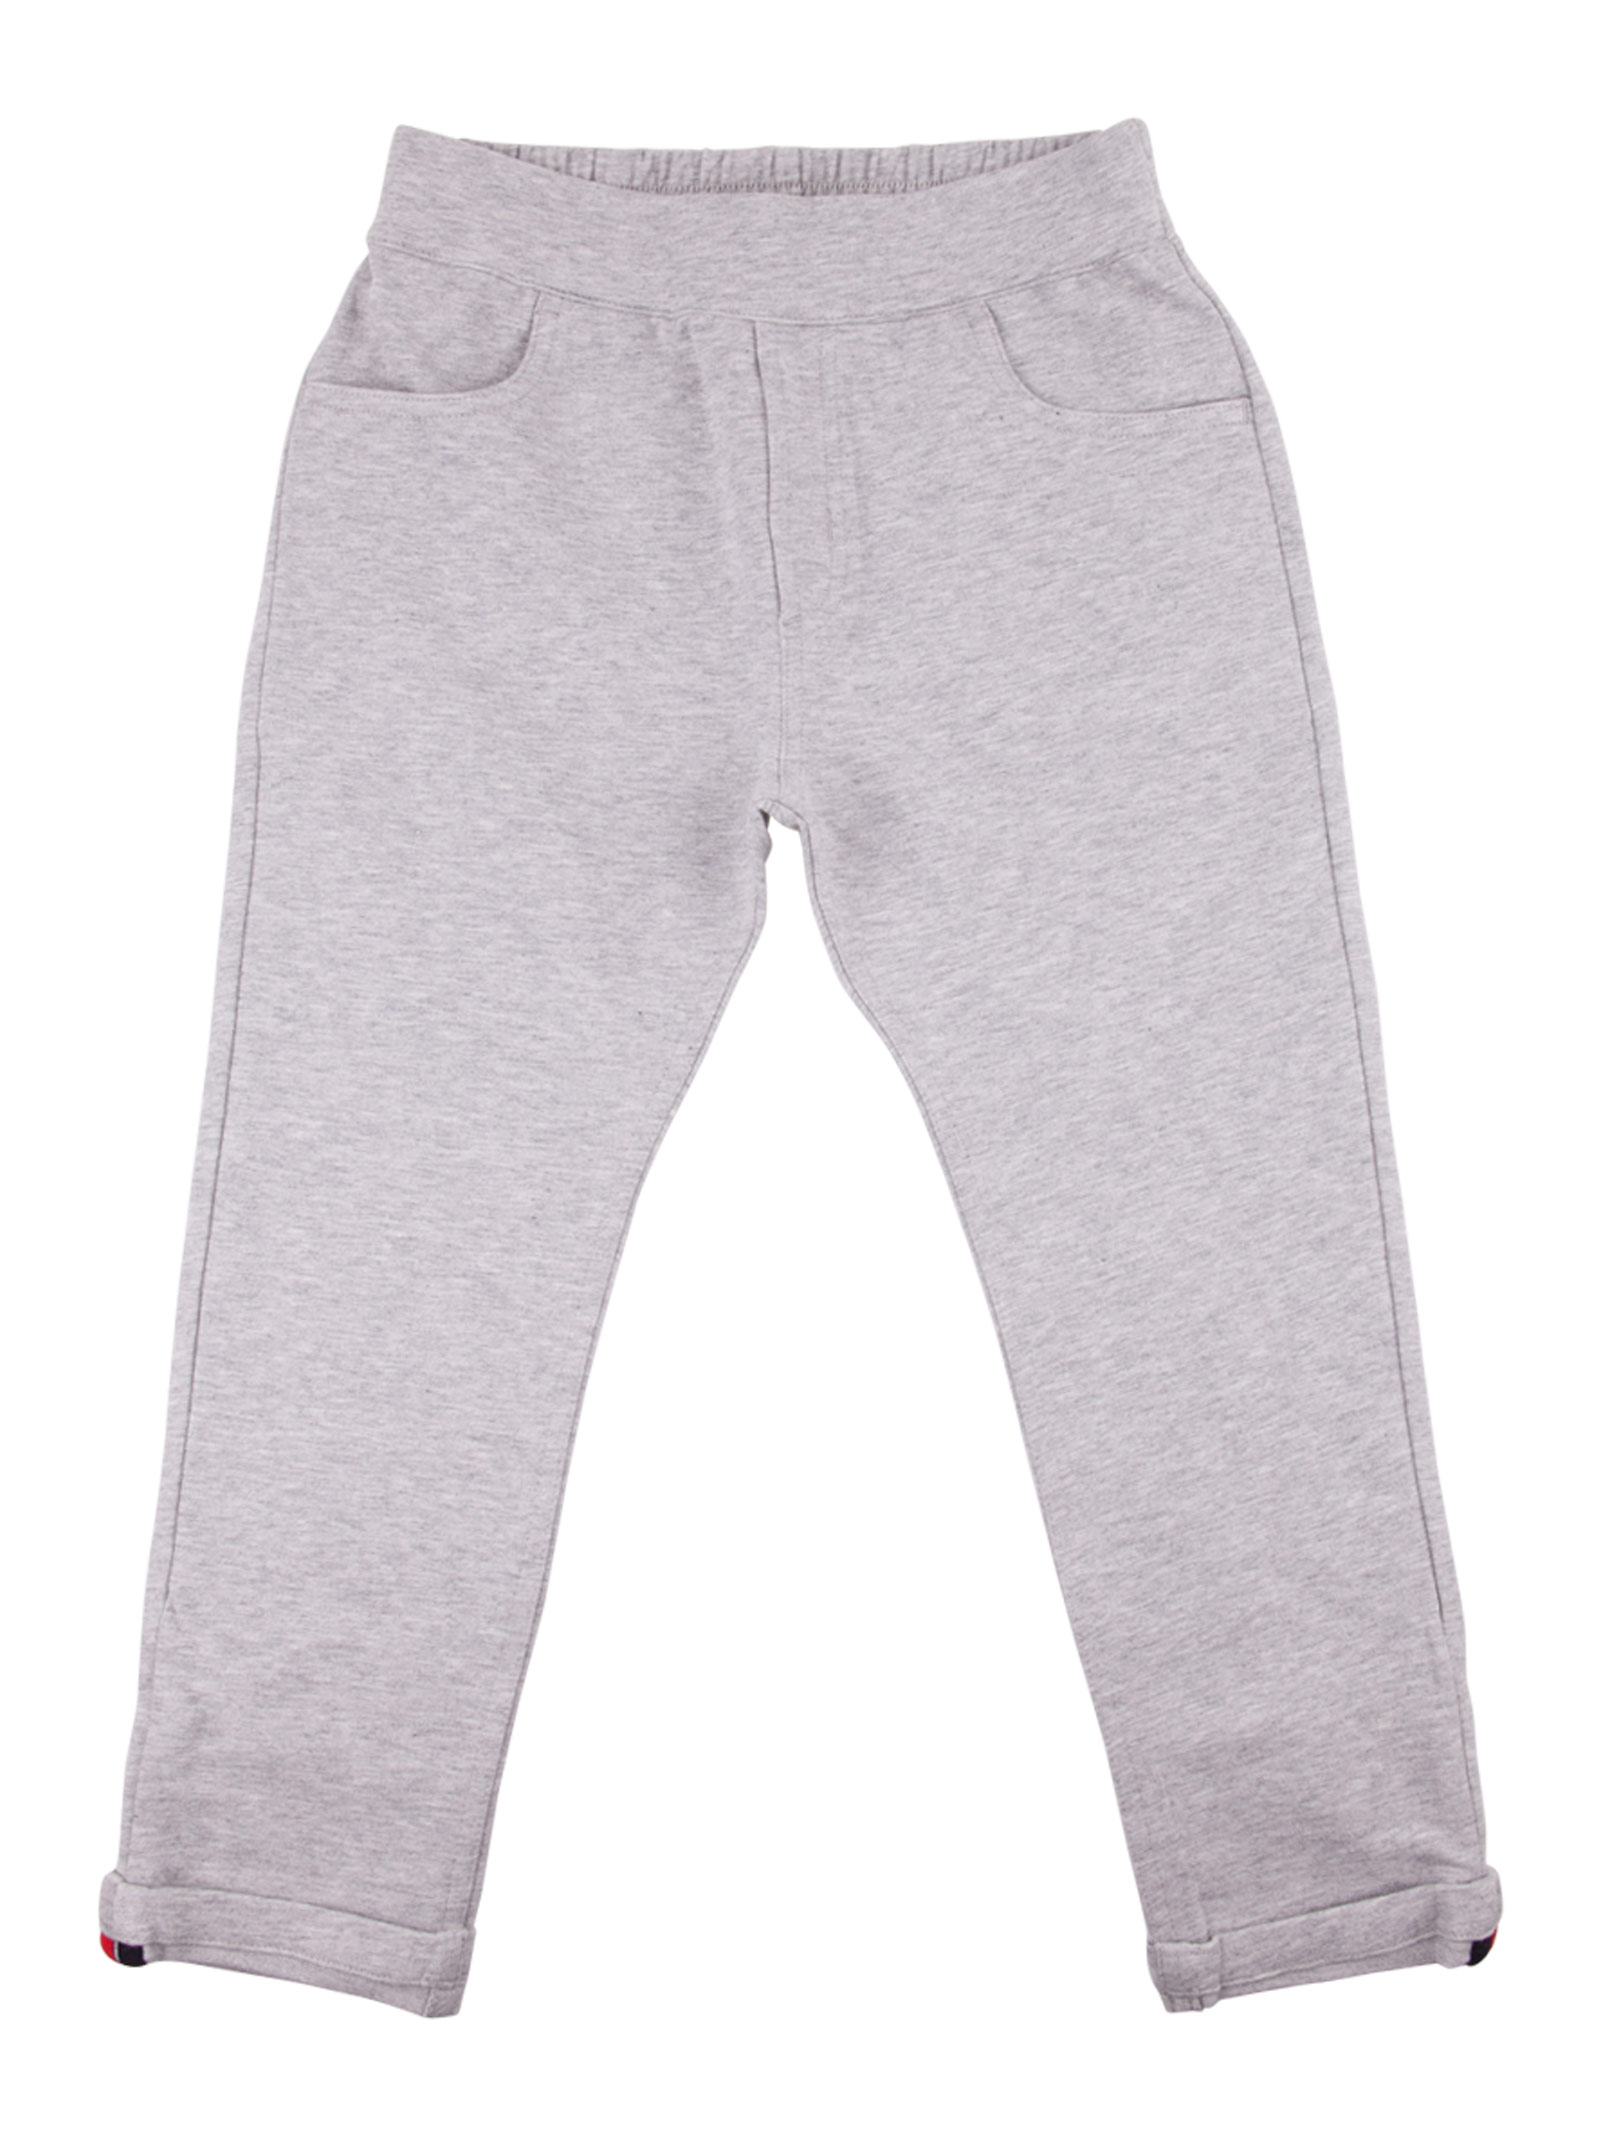 37819902e Moncler Kids trousers - Moncler Kids - Michele Franzese Moda